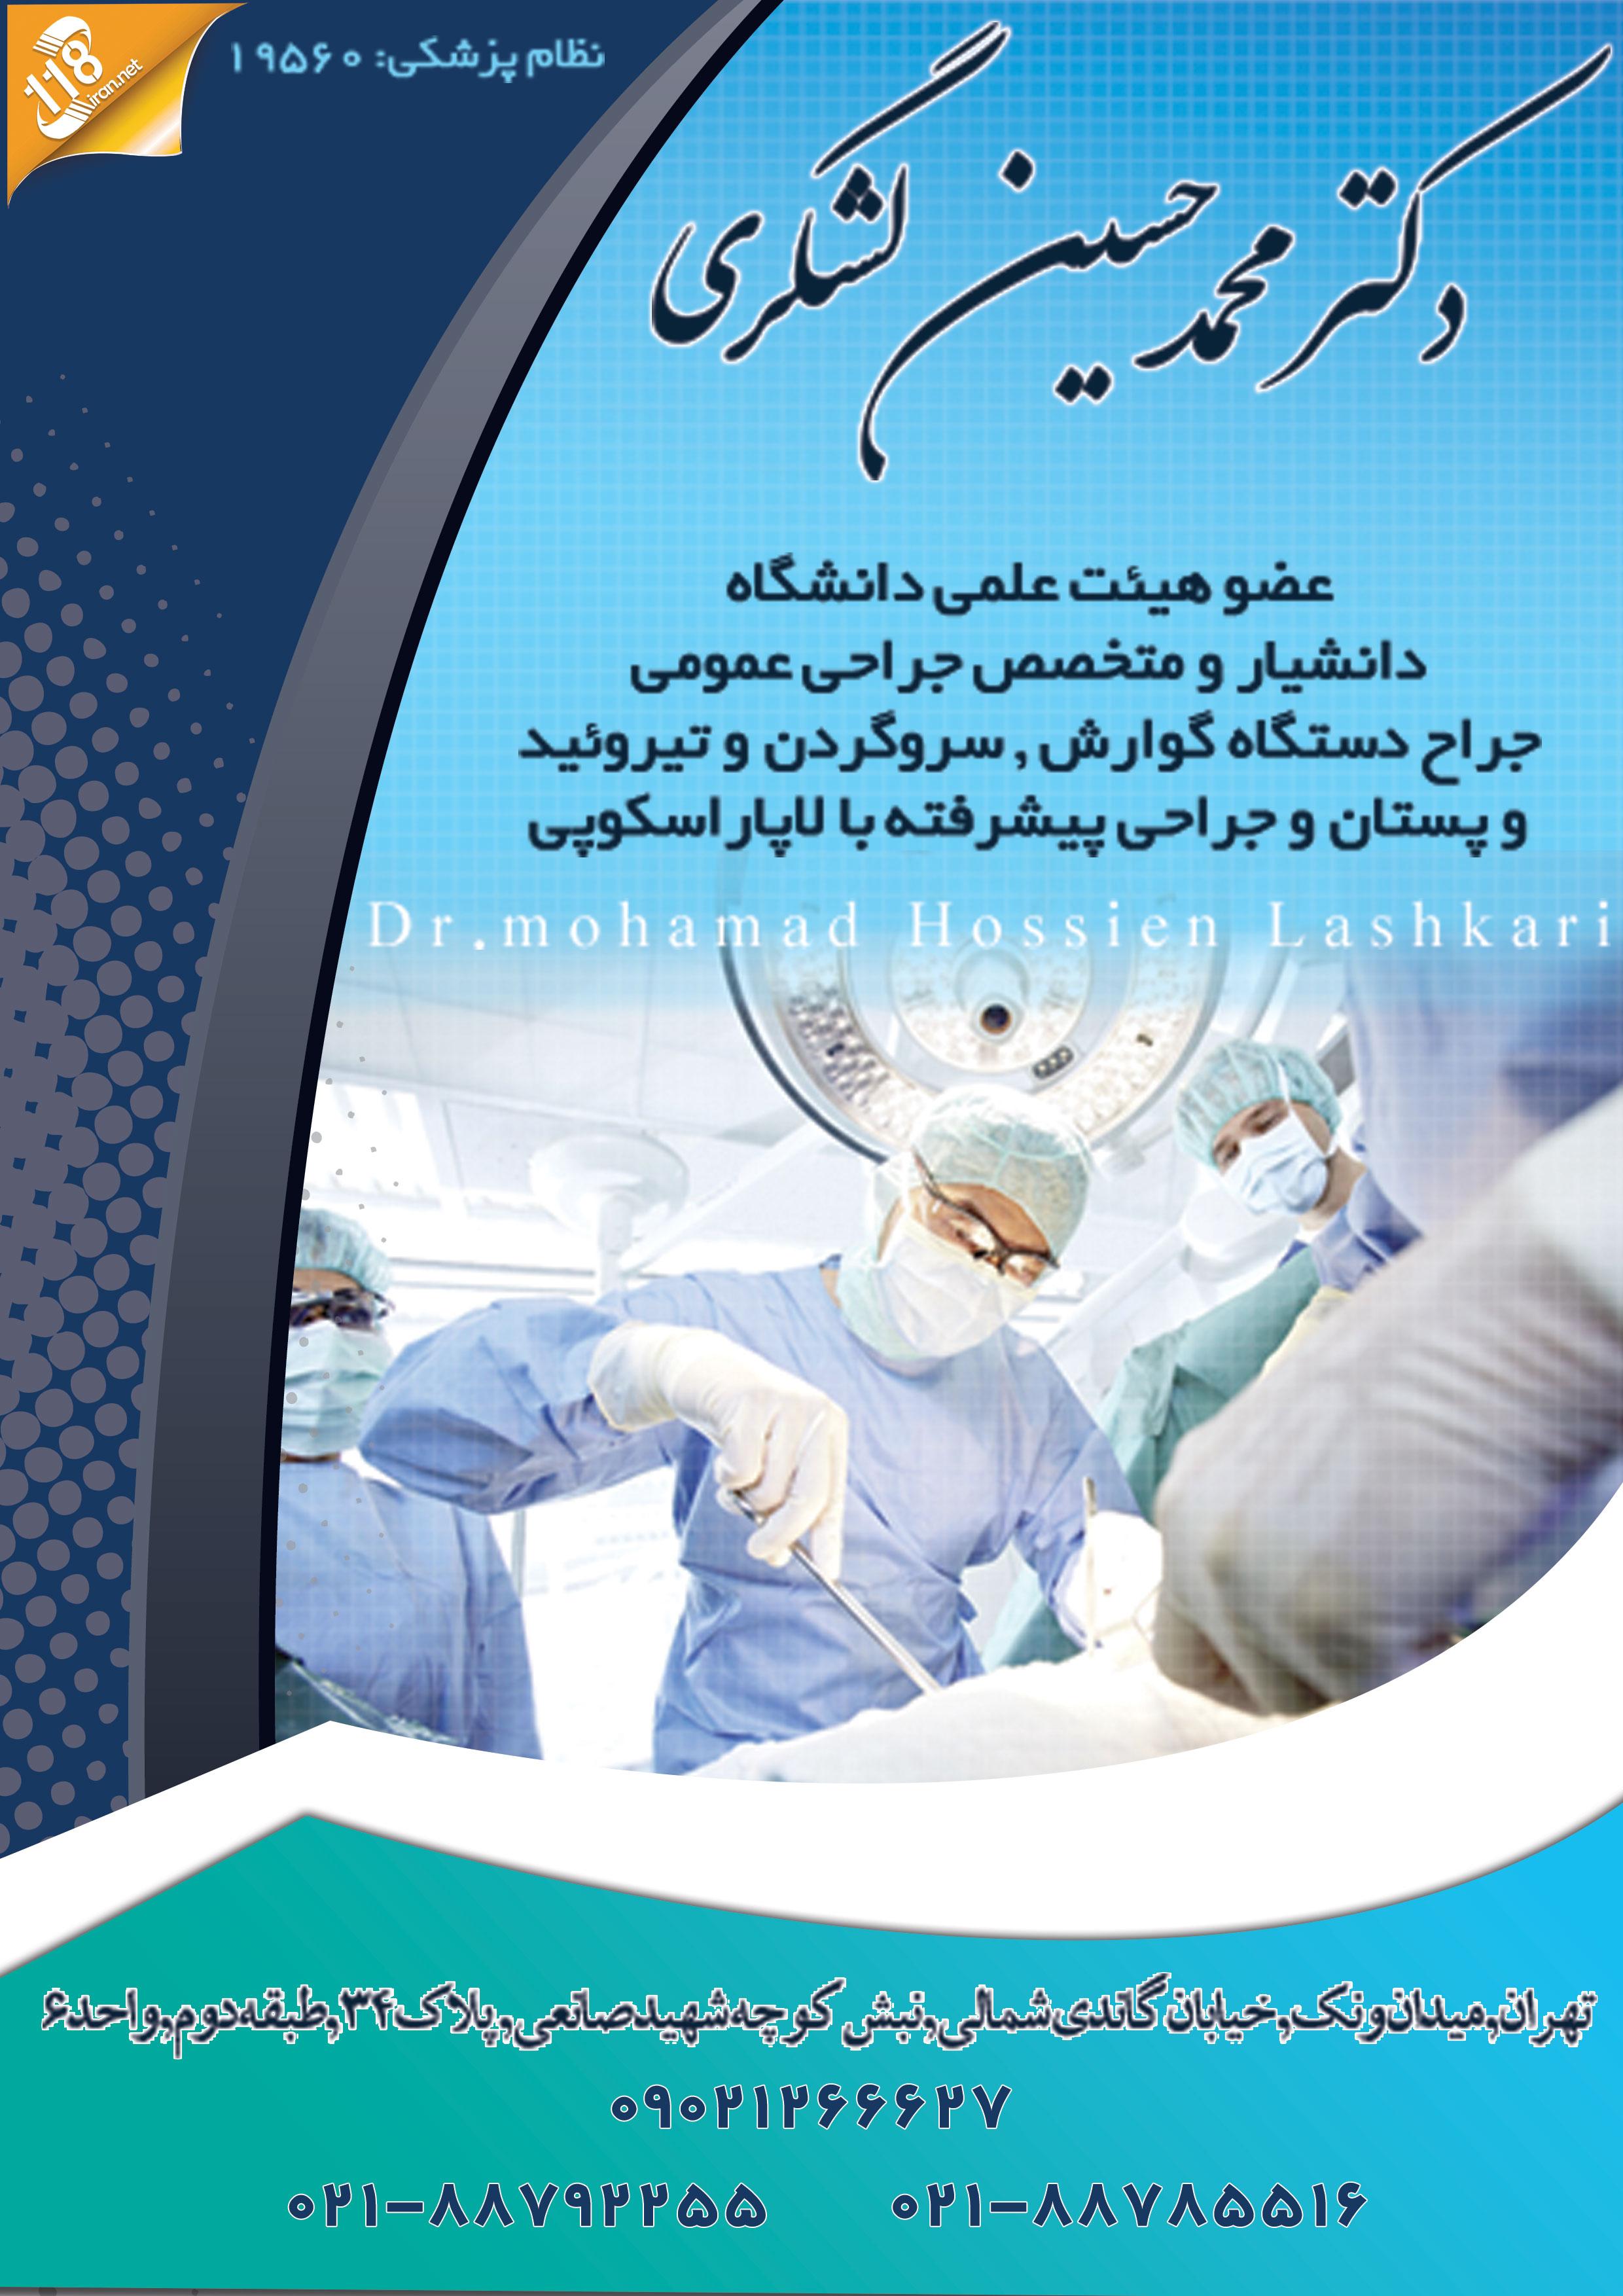 دکتر محمد حسین لشگری